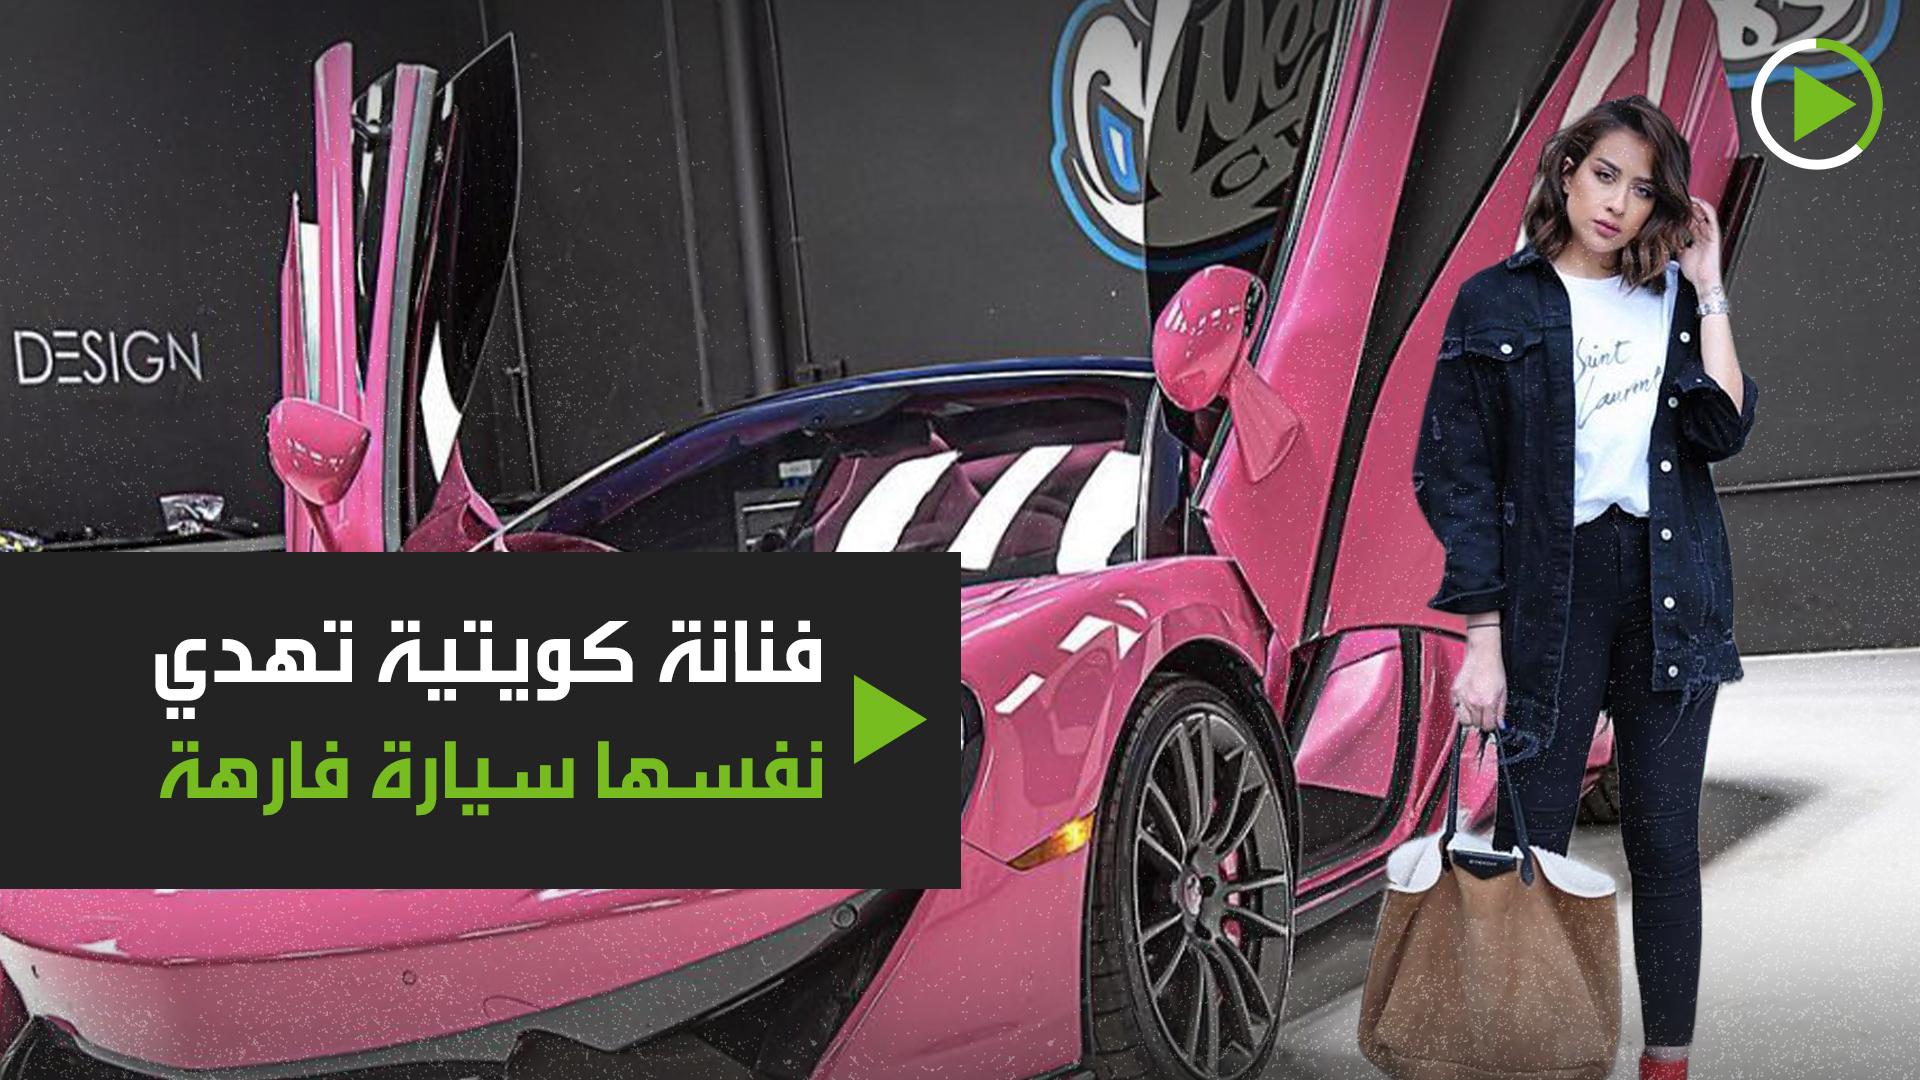 فنانة كويتية تهدي نفسها سيارة فارهة